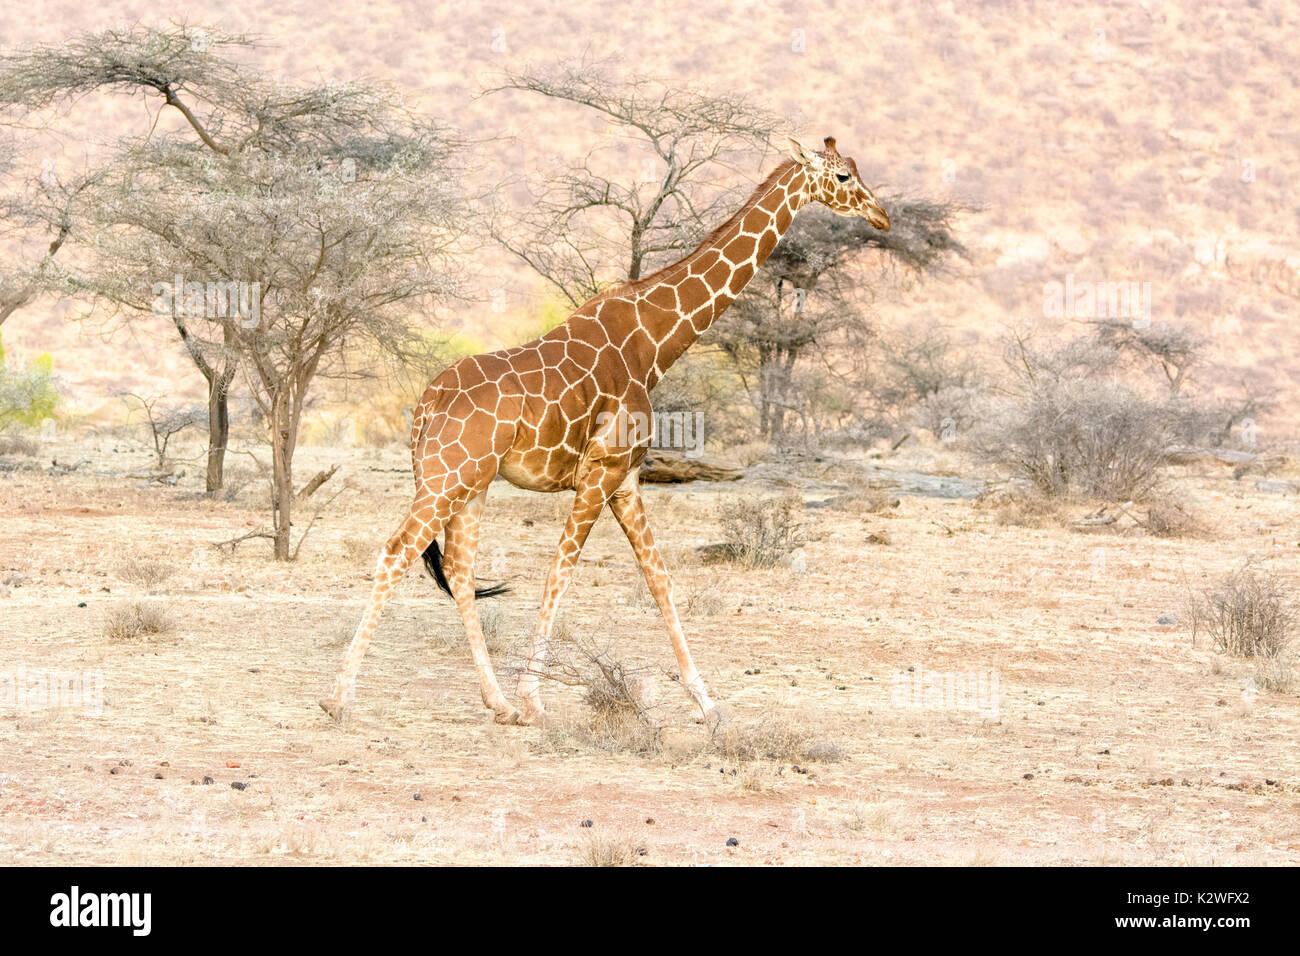 Vue latérale d'un solitaire giraffe réticulée, Giraffa camelopardalis reticulata, randonnée pédestre à Buffalo Springs National Reserve, Kenya, Afrique de l'Est Banque D'Images